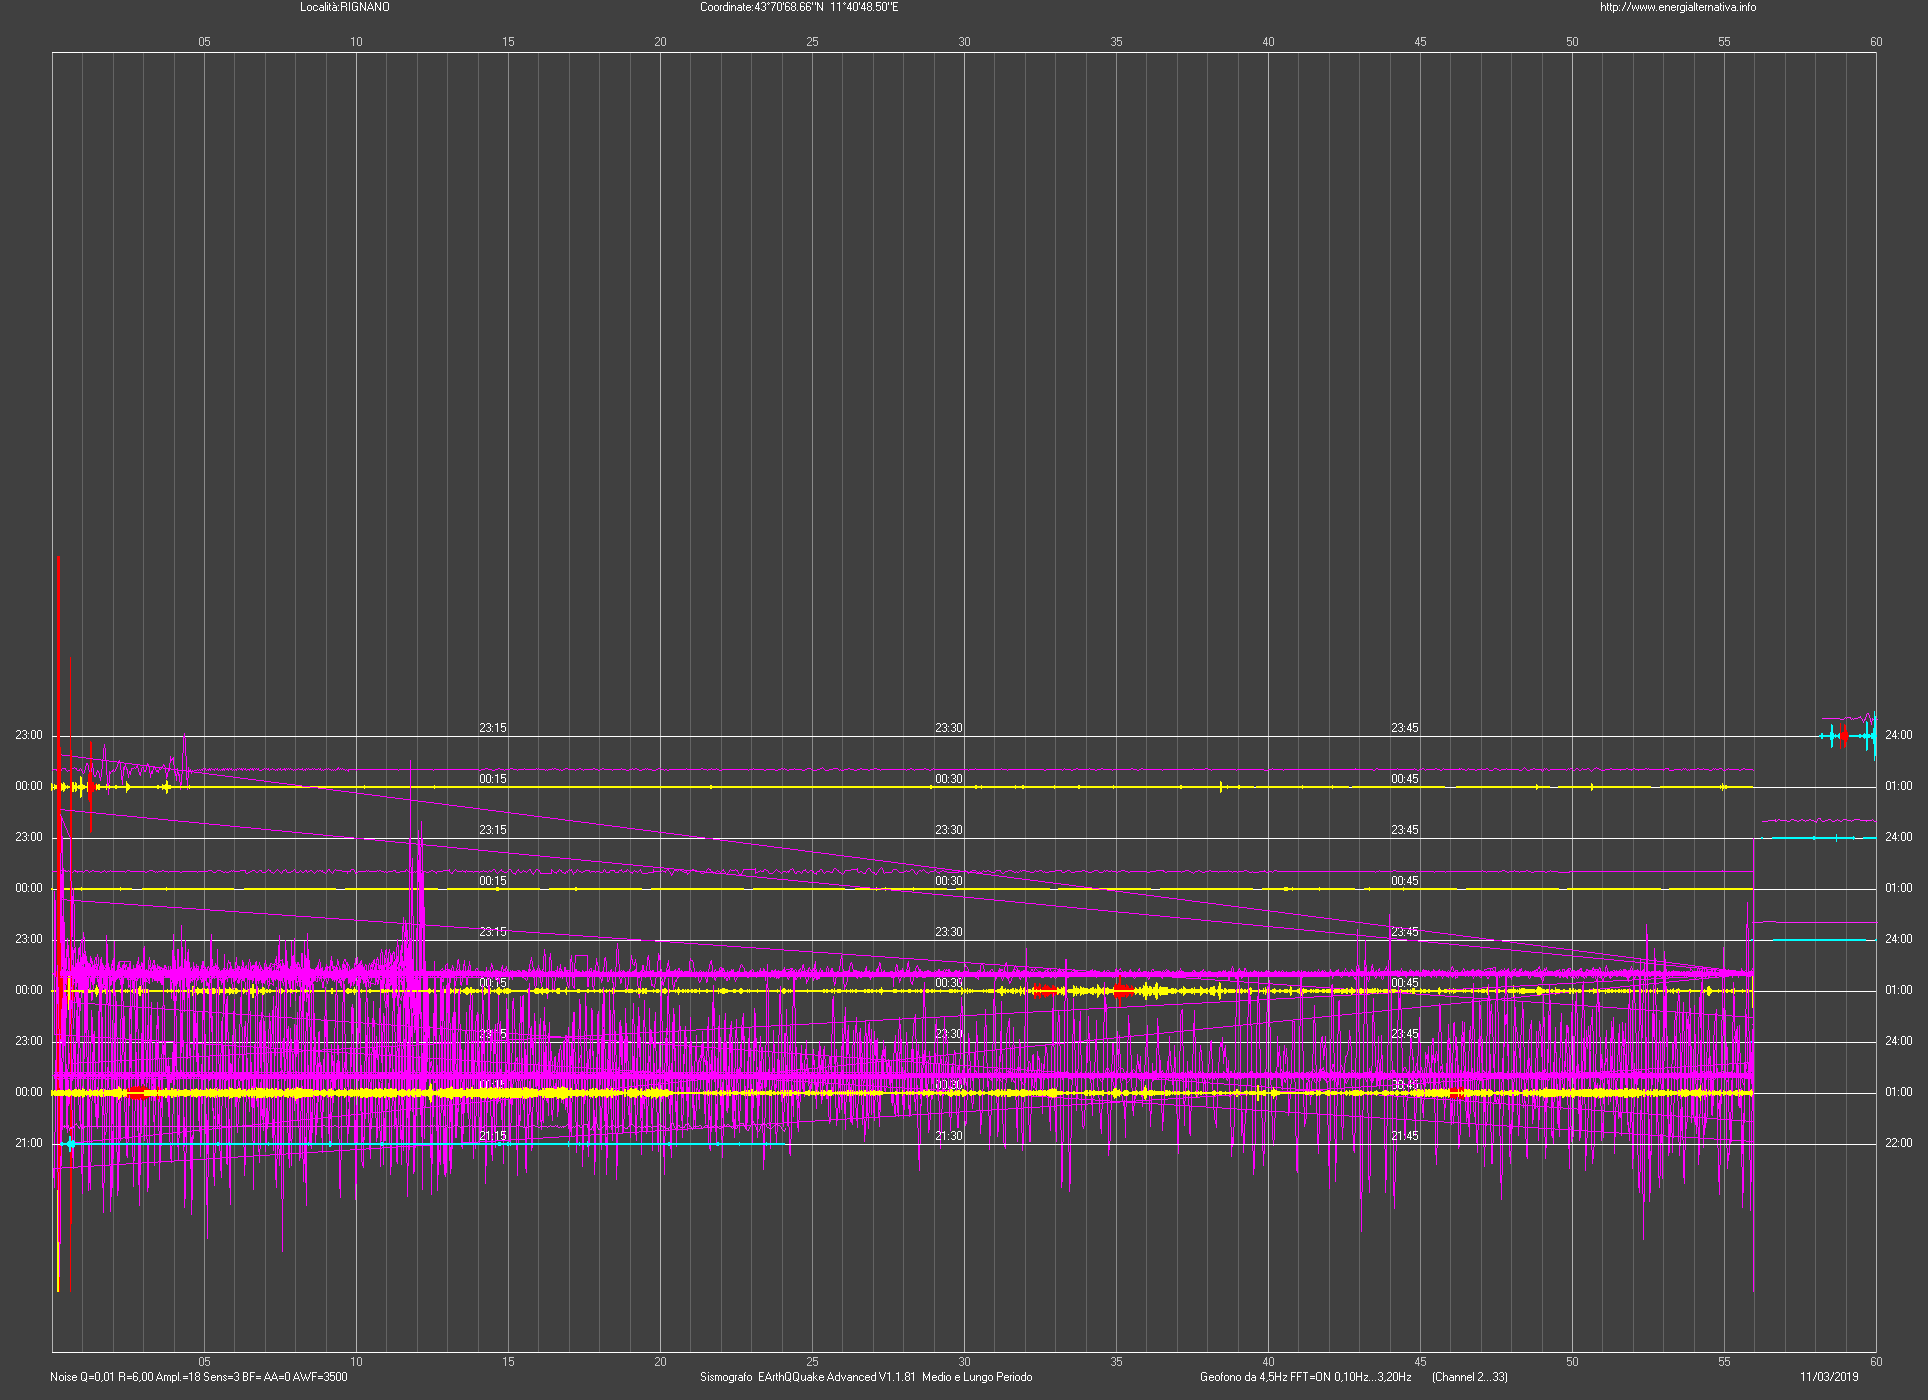 Sismografo EArthQQuake Rignano sull'Arno (FI)